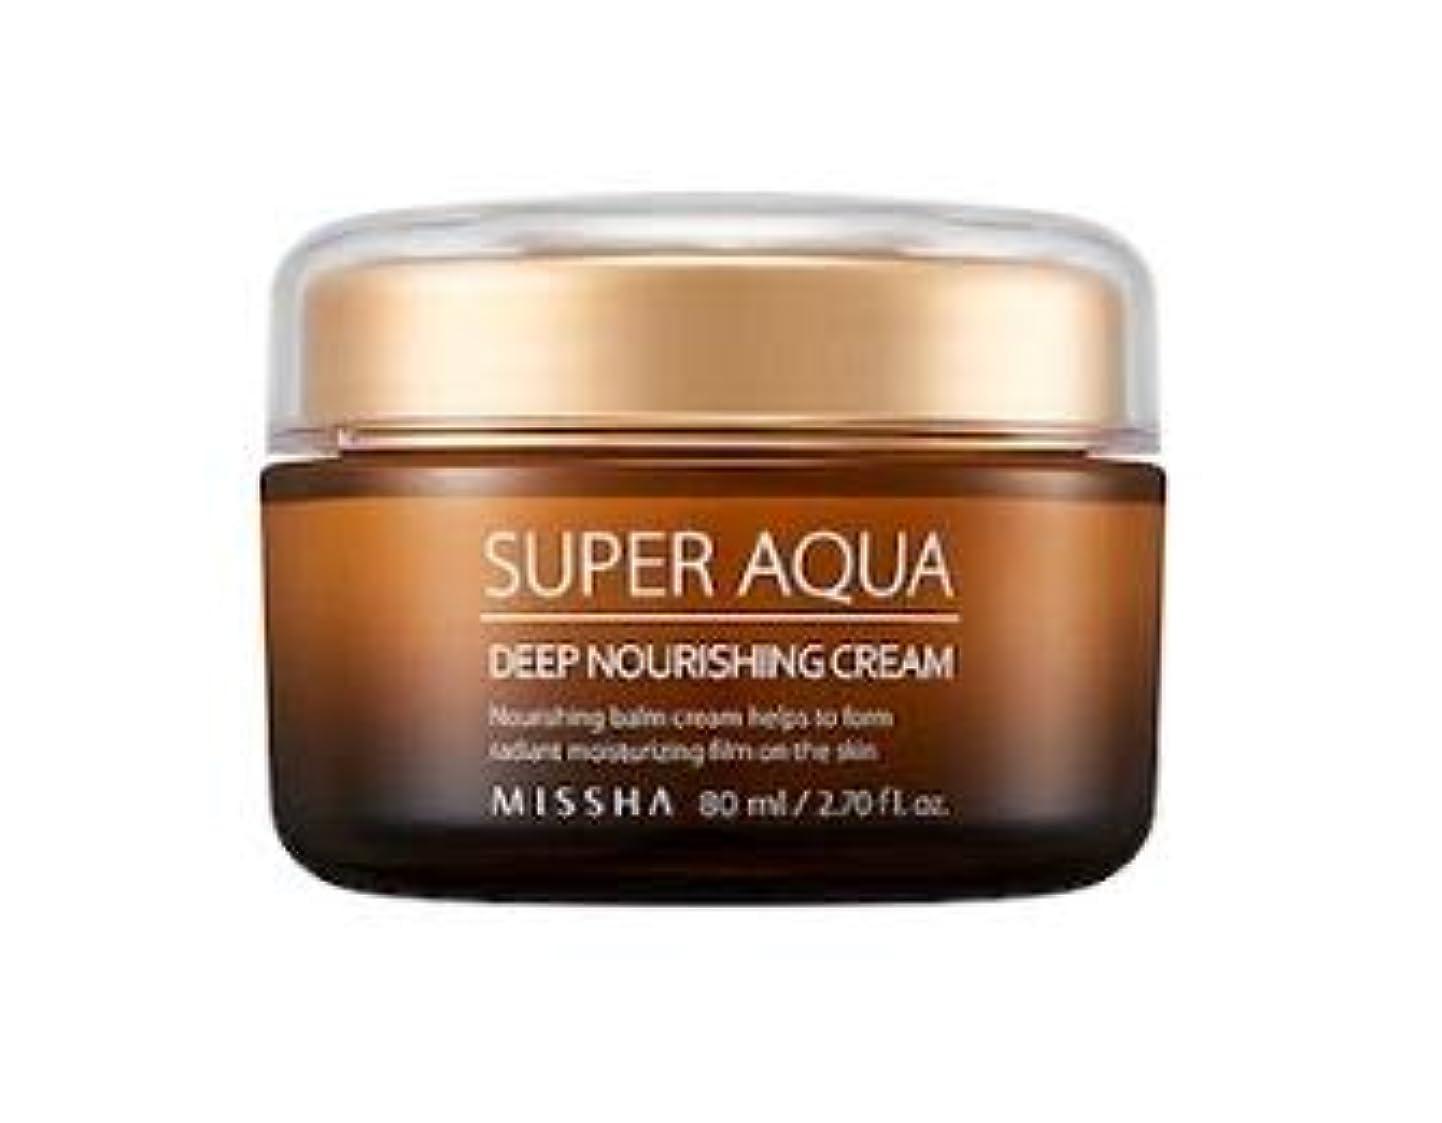 教え汚すメルボルンMISSHA Super Aqua Ultra Water Full Deep Nourishing Cream ミシャ スーパーアクアウルトラウォーターフルディープナリシングクリーム [並行輸入品]